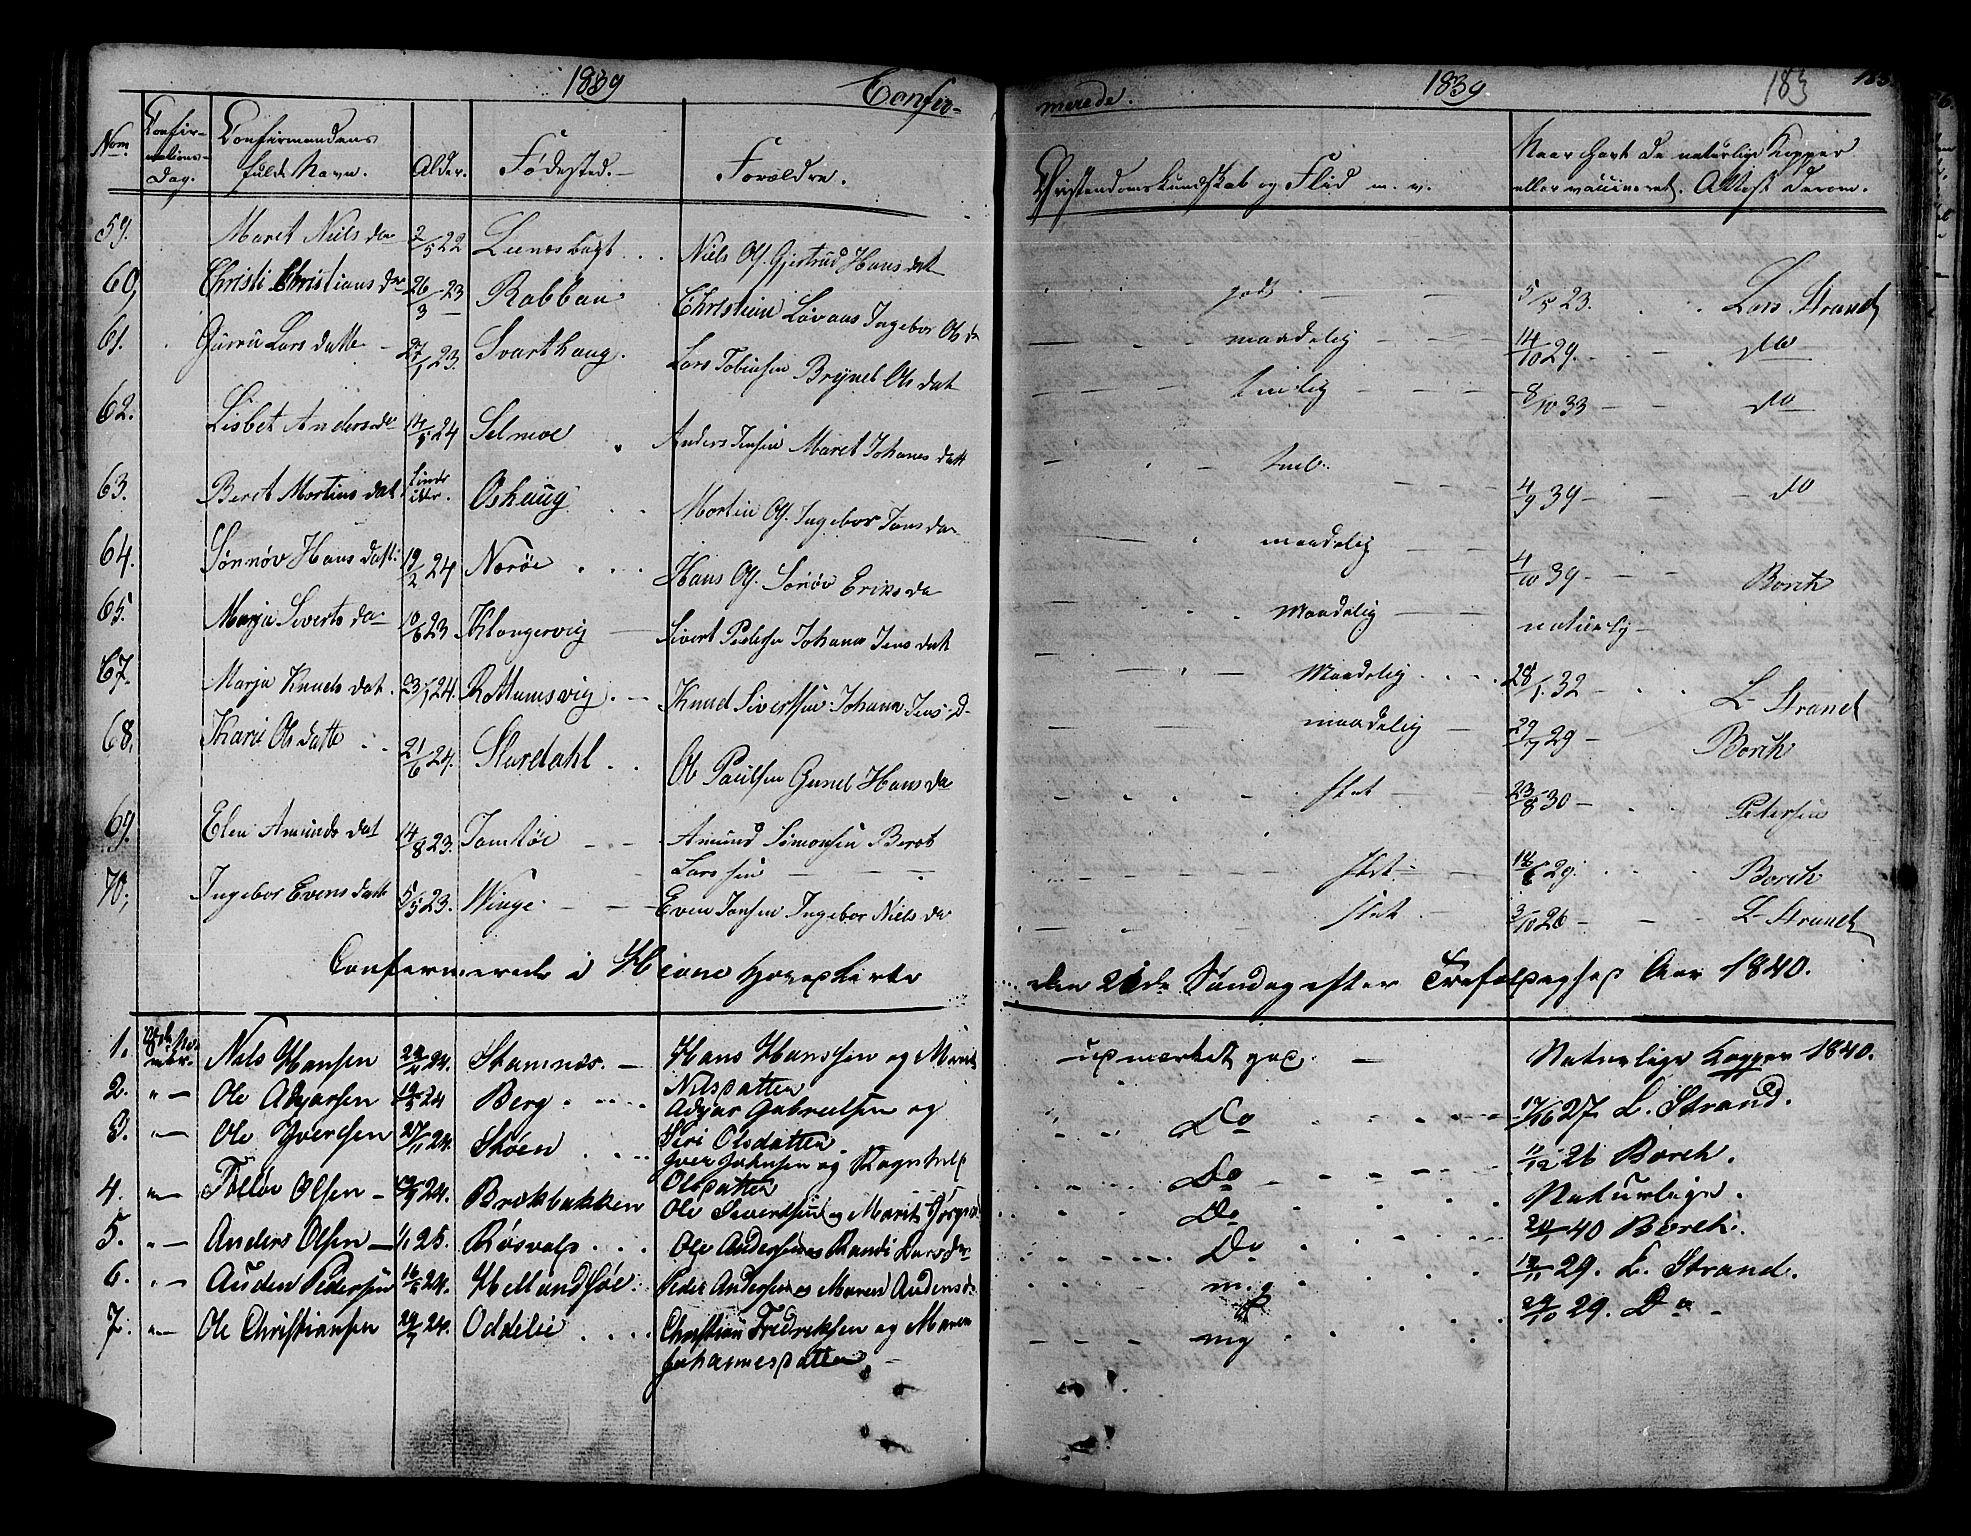 SAT, Ministerialprotokoller, klokkerbøker og fødselsregistre - Sør-Trøndelag, 630/L0492: Ministerialbok nr. 630A05, 1830-1840, s. 183